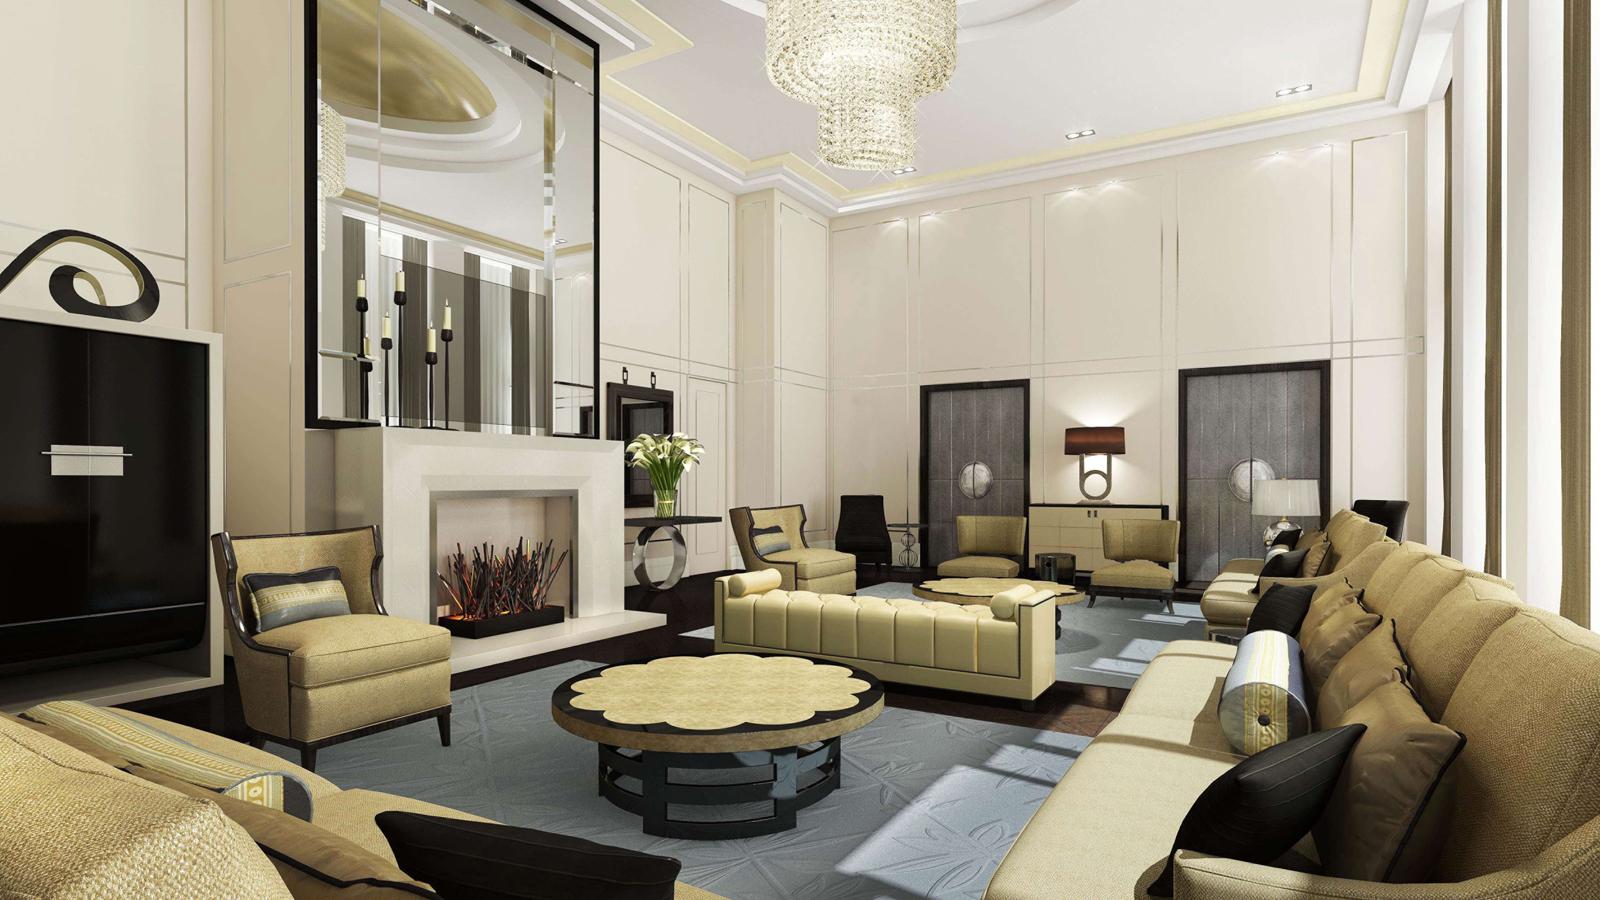 New four seasons hotel abu dhabi opens at al maryah island for Al manzool decoration abu dhabi